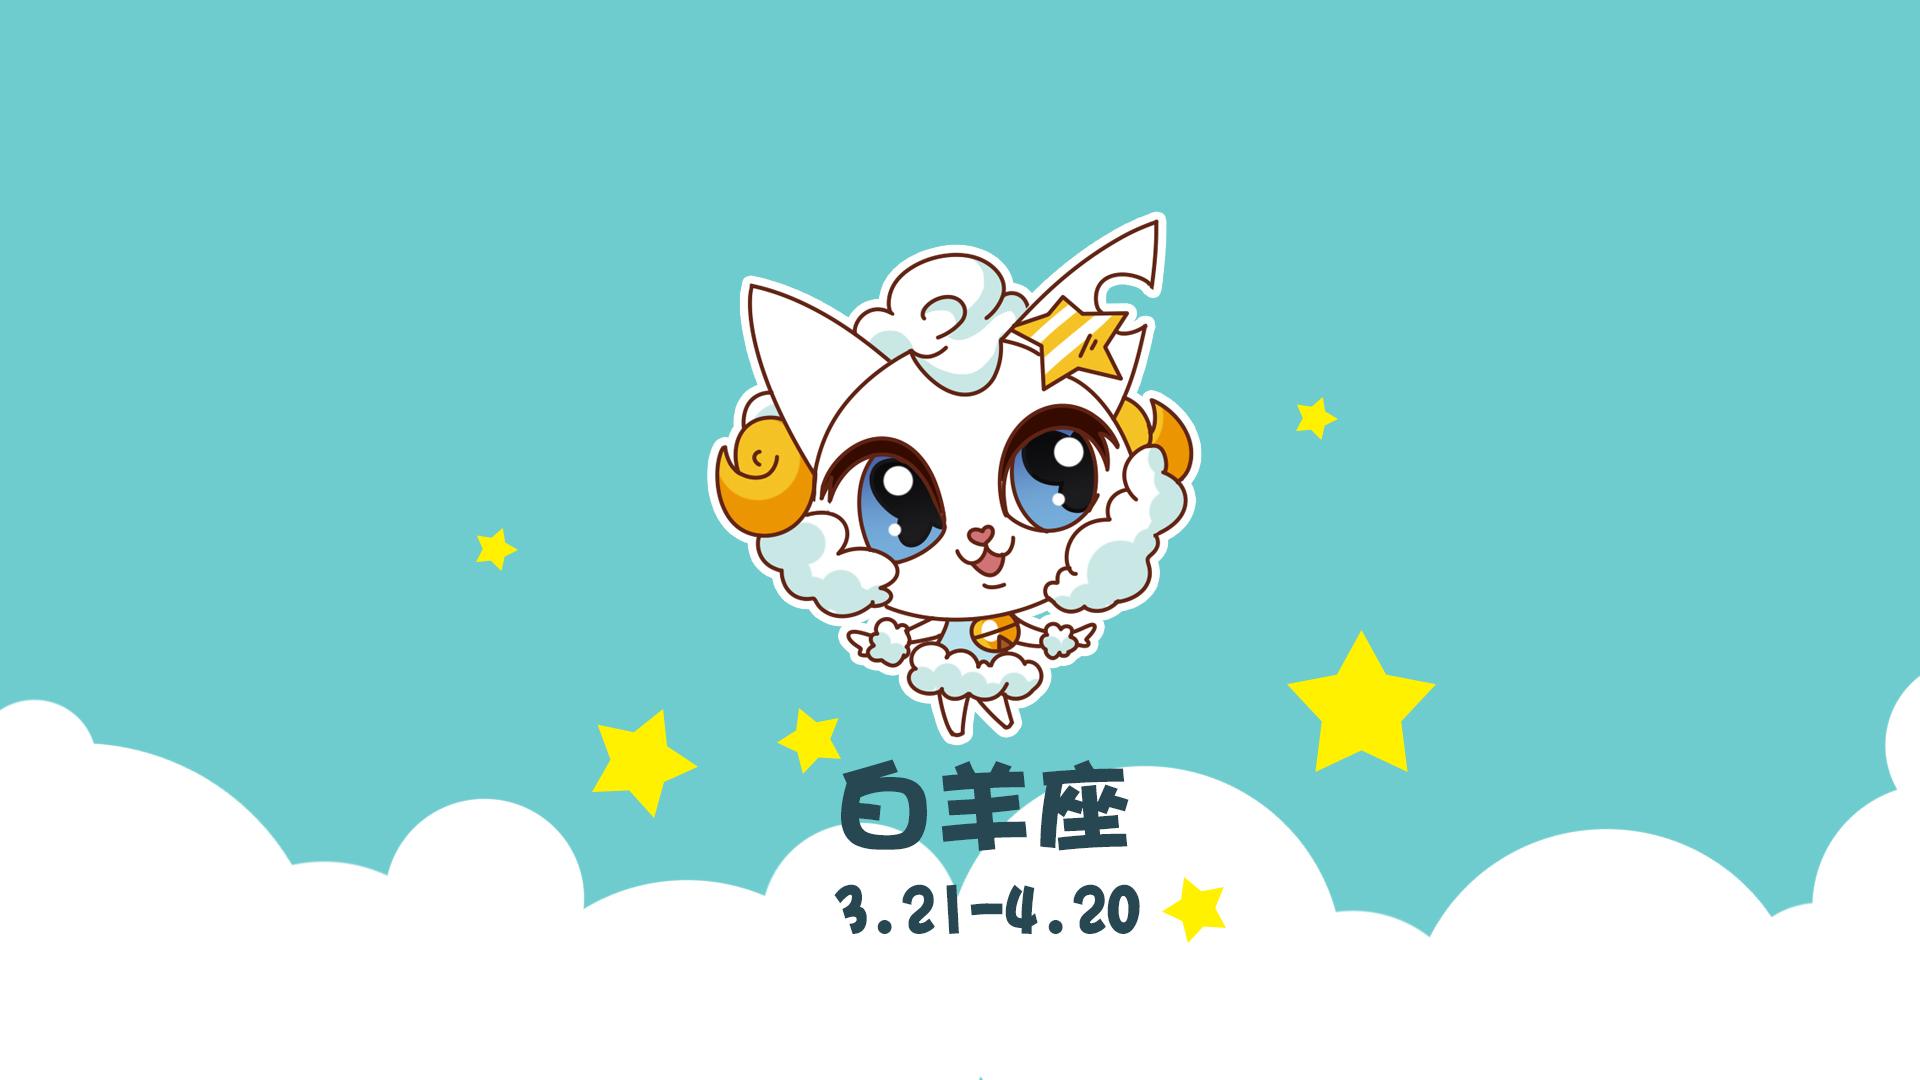 十二星座系列可爱卡通ppt背景图片下载